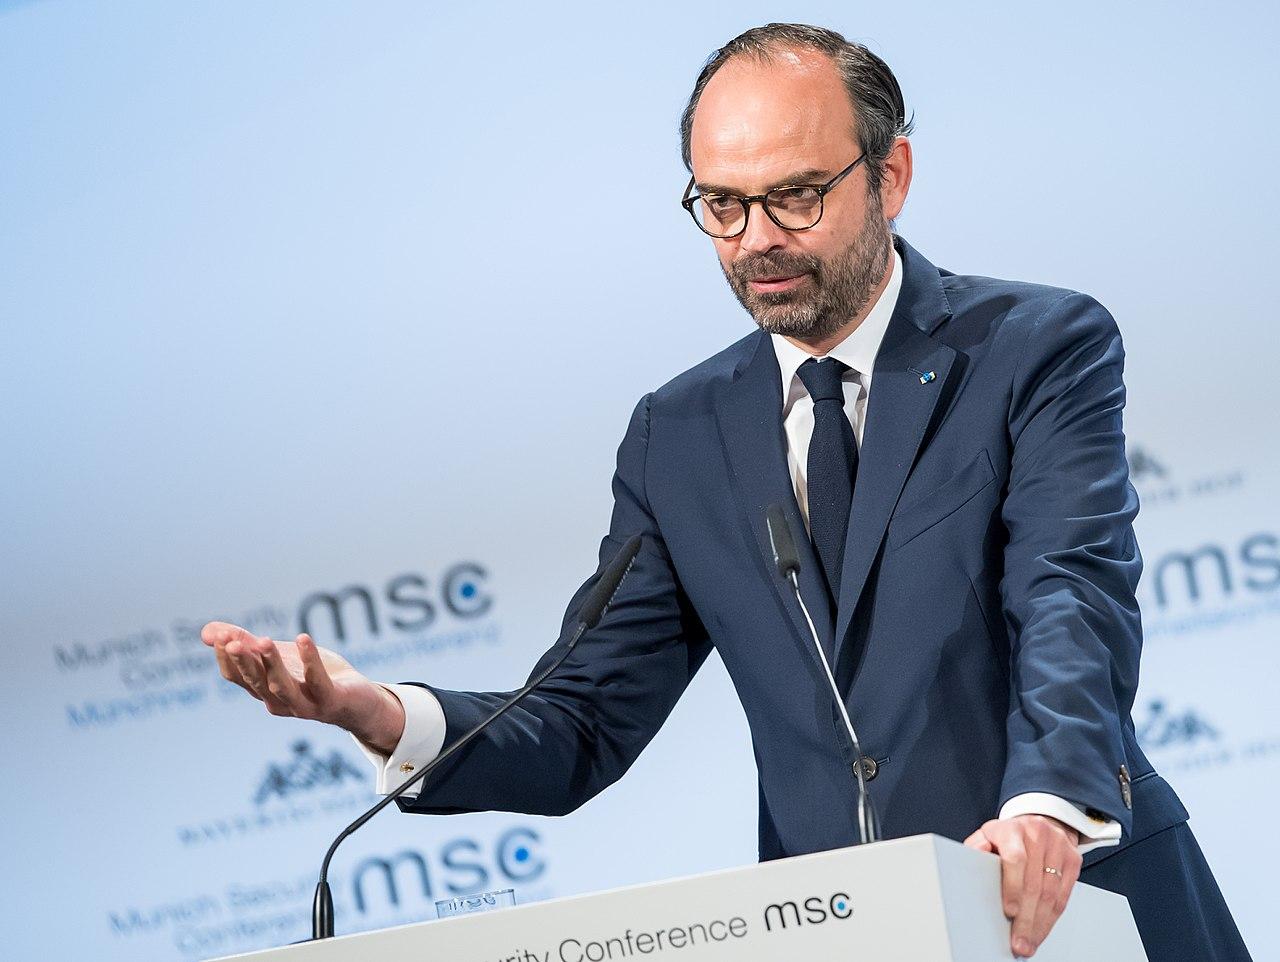 法國總理菲利普(Edouard Philippe)(圖/Mueller : MSC/CC BY 3.0 DE)